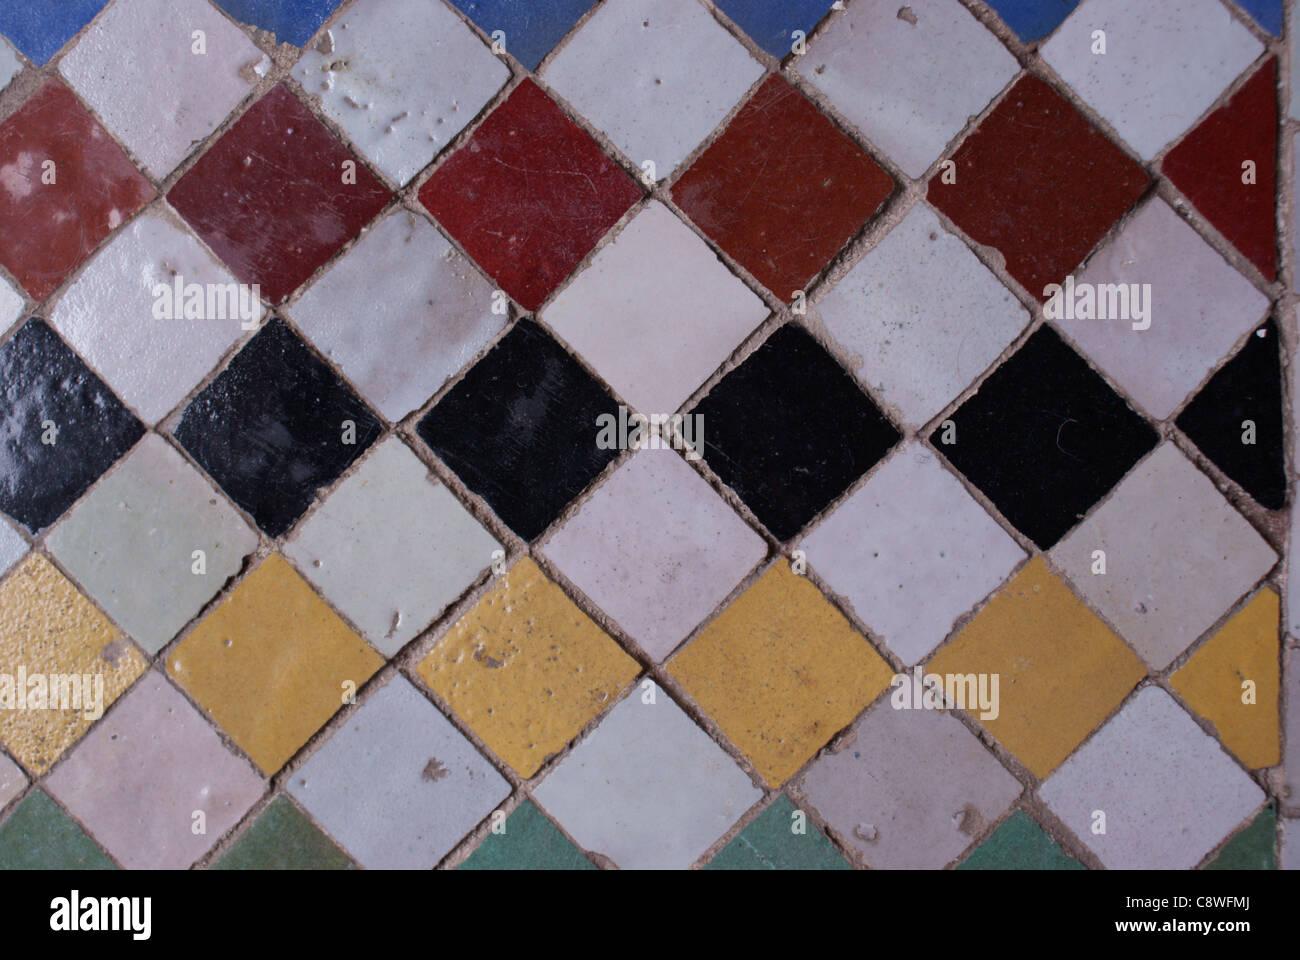 Ceramic tiles floor stockfotos ceramic tiles floor bilder alamy - Marokkanische bodenfliesen ...